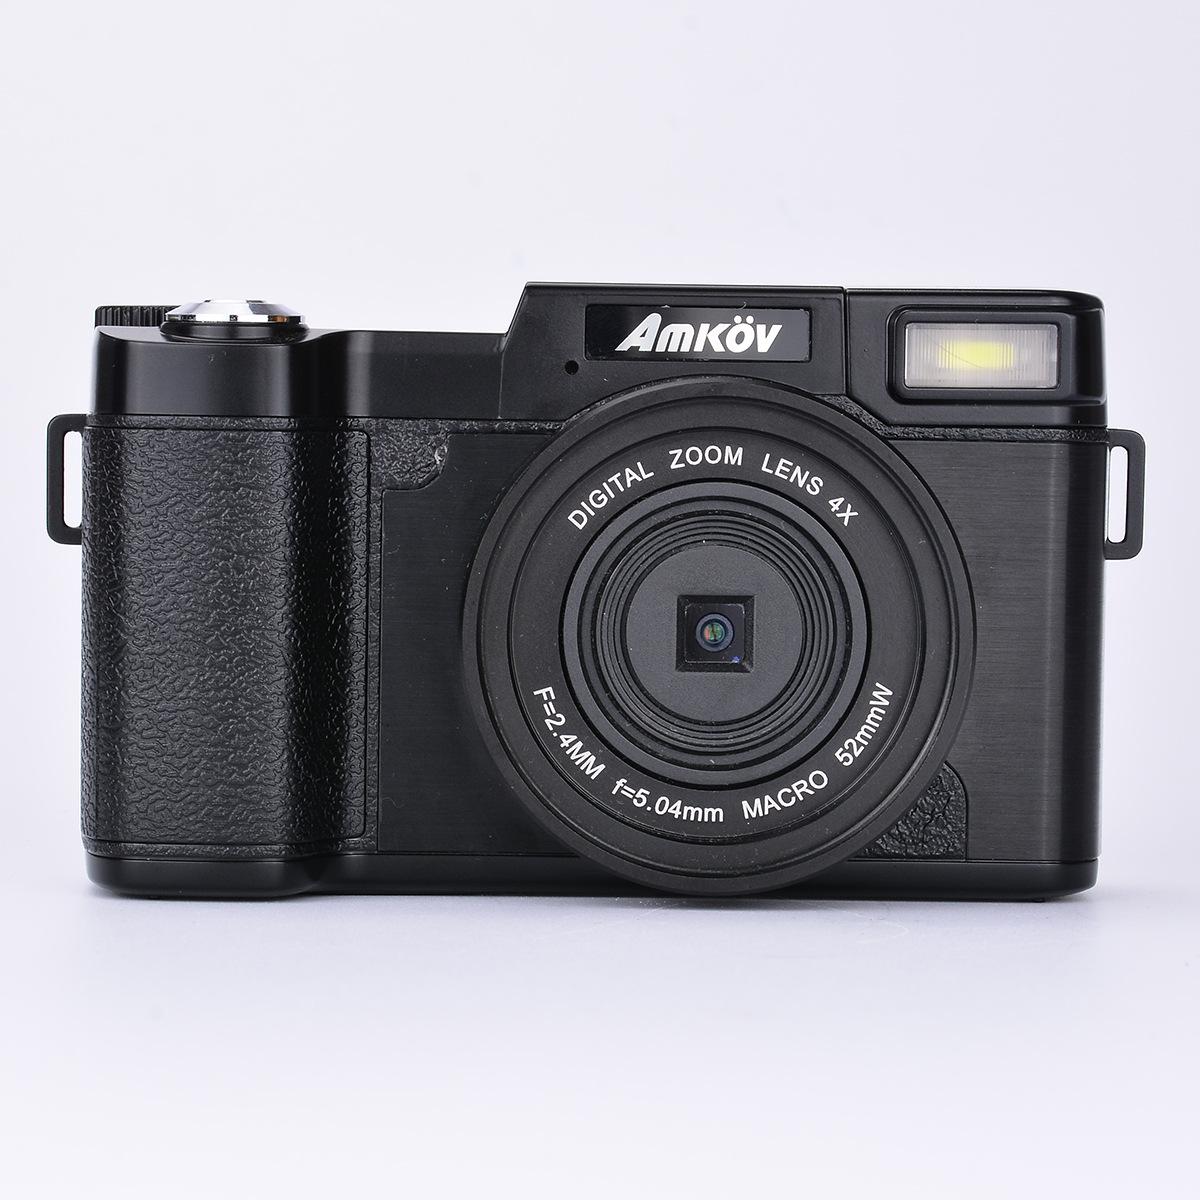 AMKOV Máy ảnh kỹ thuật số 24 triệu pixel Màn hình màu 3.0 inch Máy ảnh kỹ thuật số / máy ảnh DSLR tr